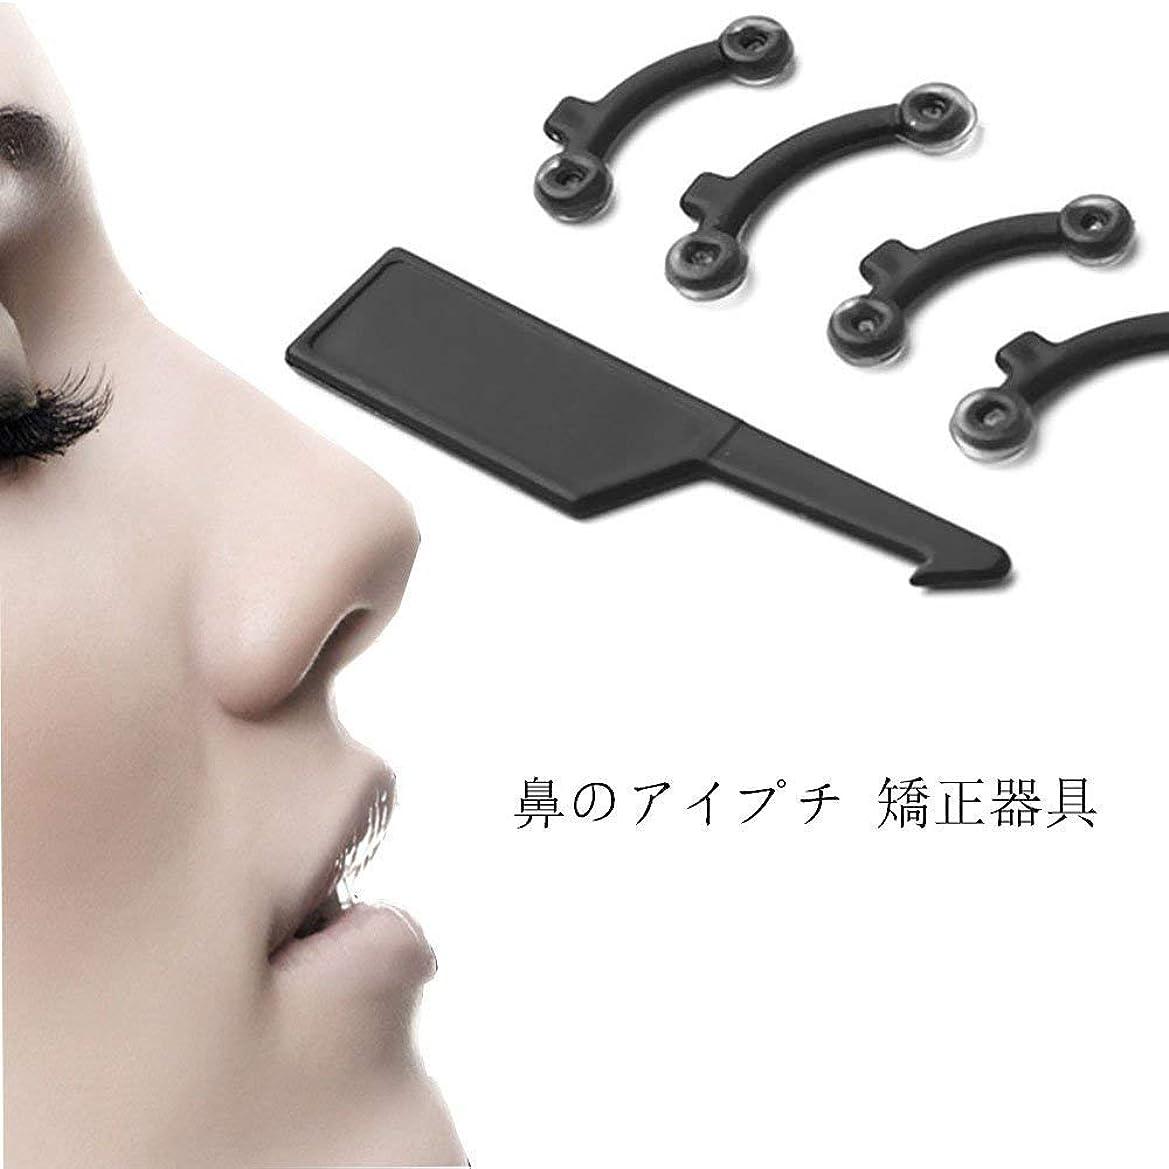 会うミシン値するTyou 鼻プチ 鼻パッド 柔軟性高く 痛くない 医療用シリコン使用 鼻のアイプチ 矯正プチ 整形せず